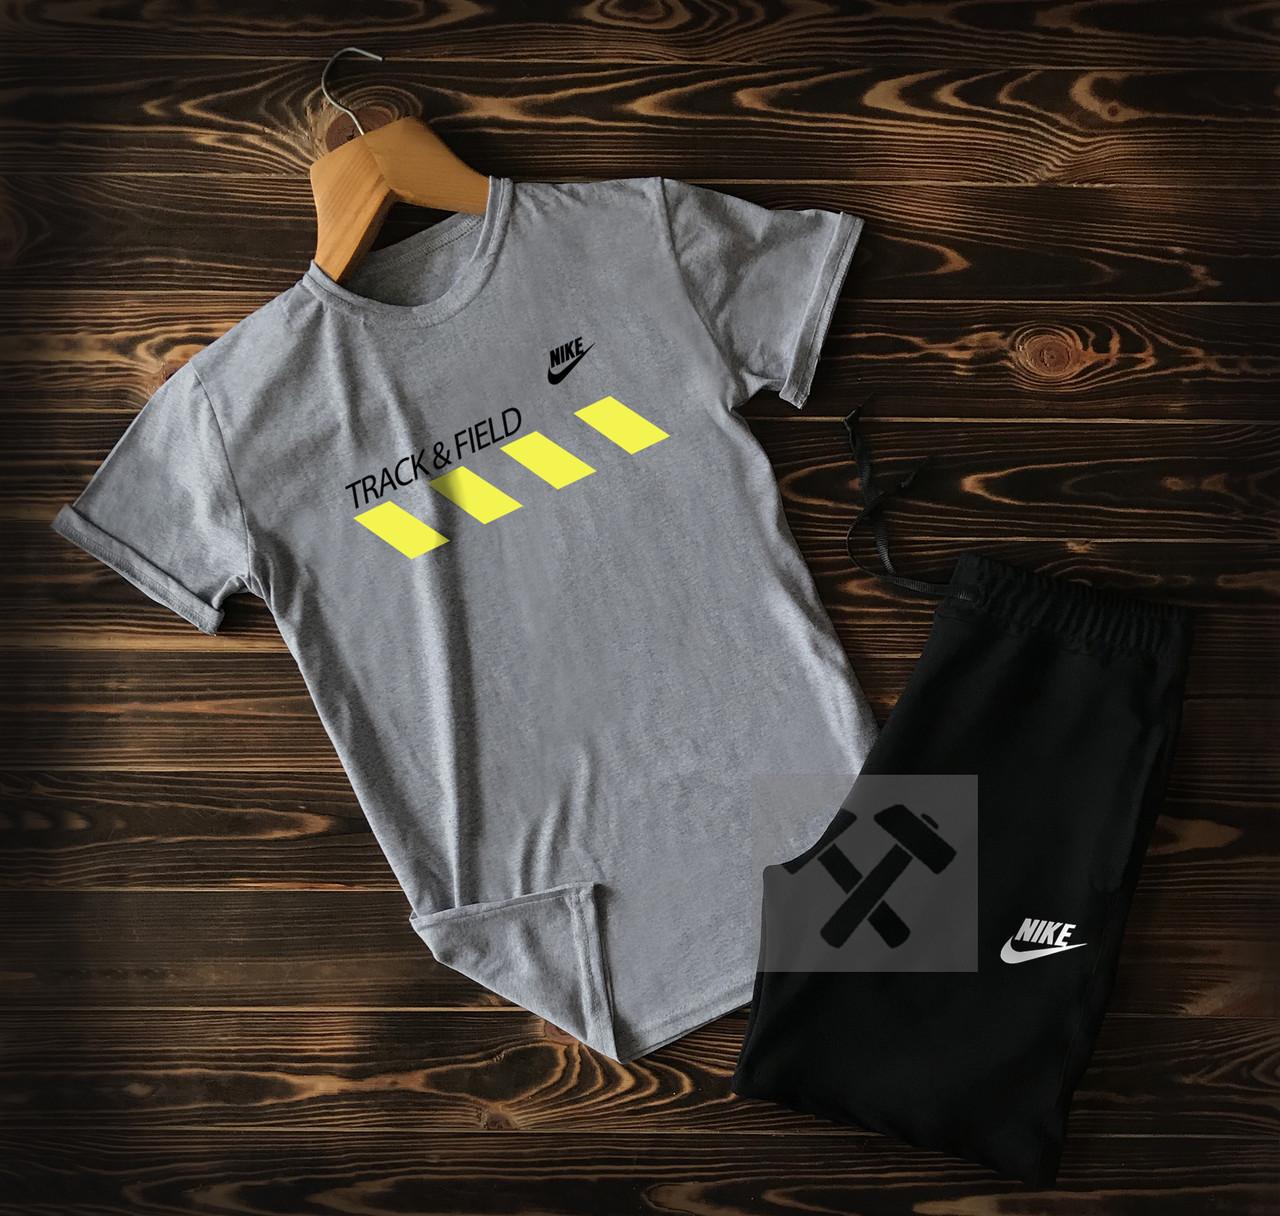 Летний мужской спортивный костюм Track Field черно-серого цвета (шорты и футболка Найк)